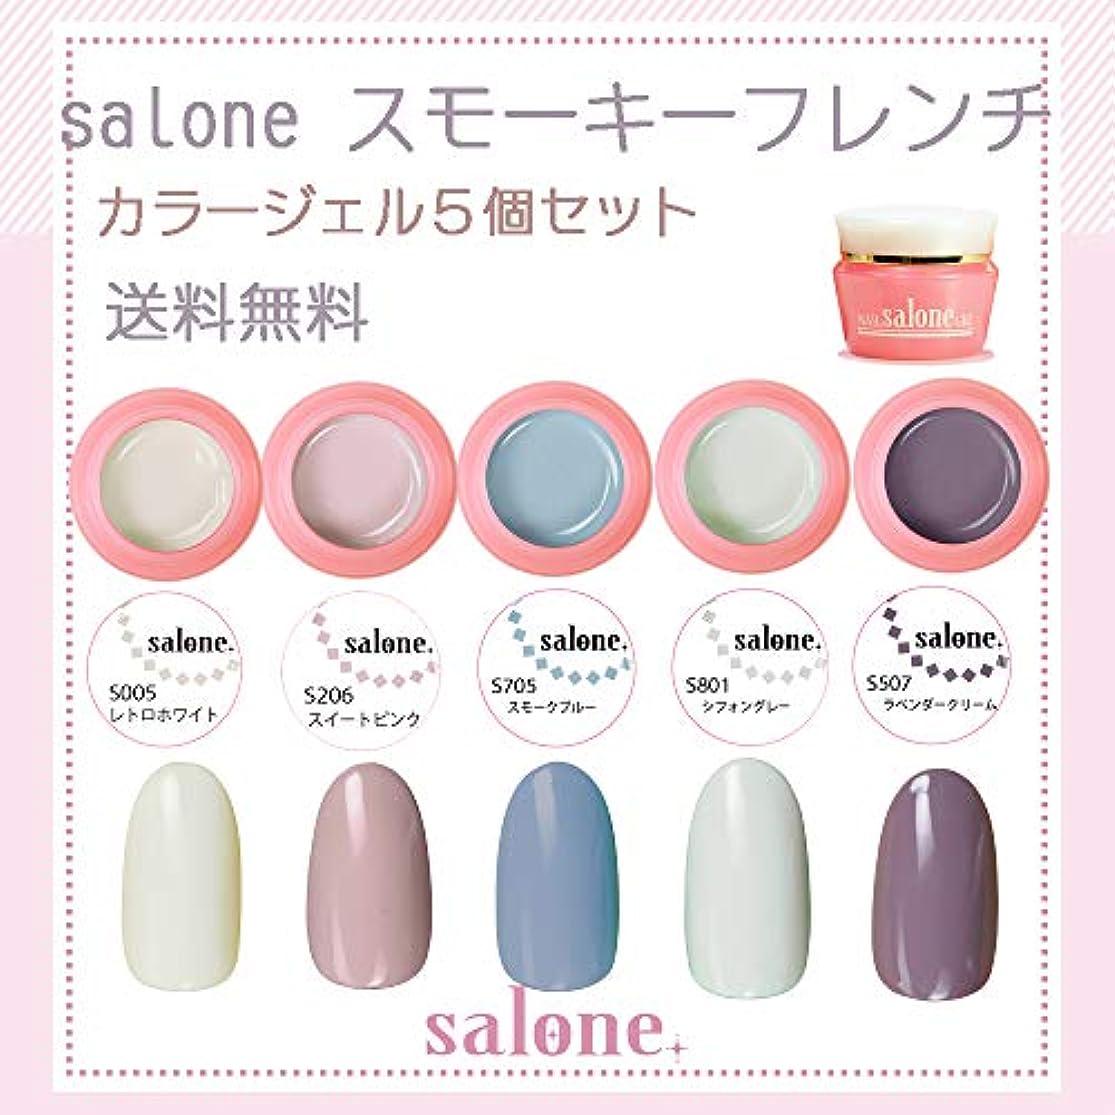 範囲ナビゲーション段落【送料無料 日本製】Salone ヌーディフレンチカラージェル5個セット 肌馴染みの良いヌーディカラーをチョイスしました。